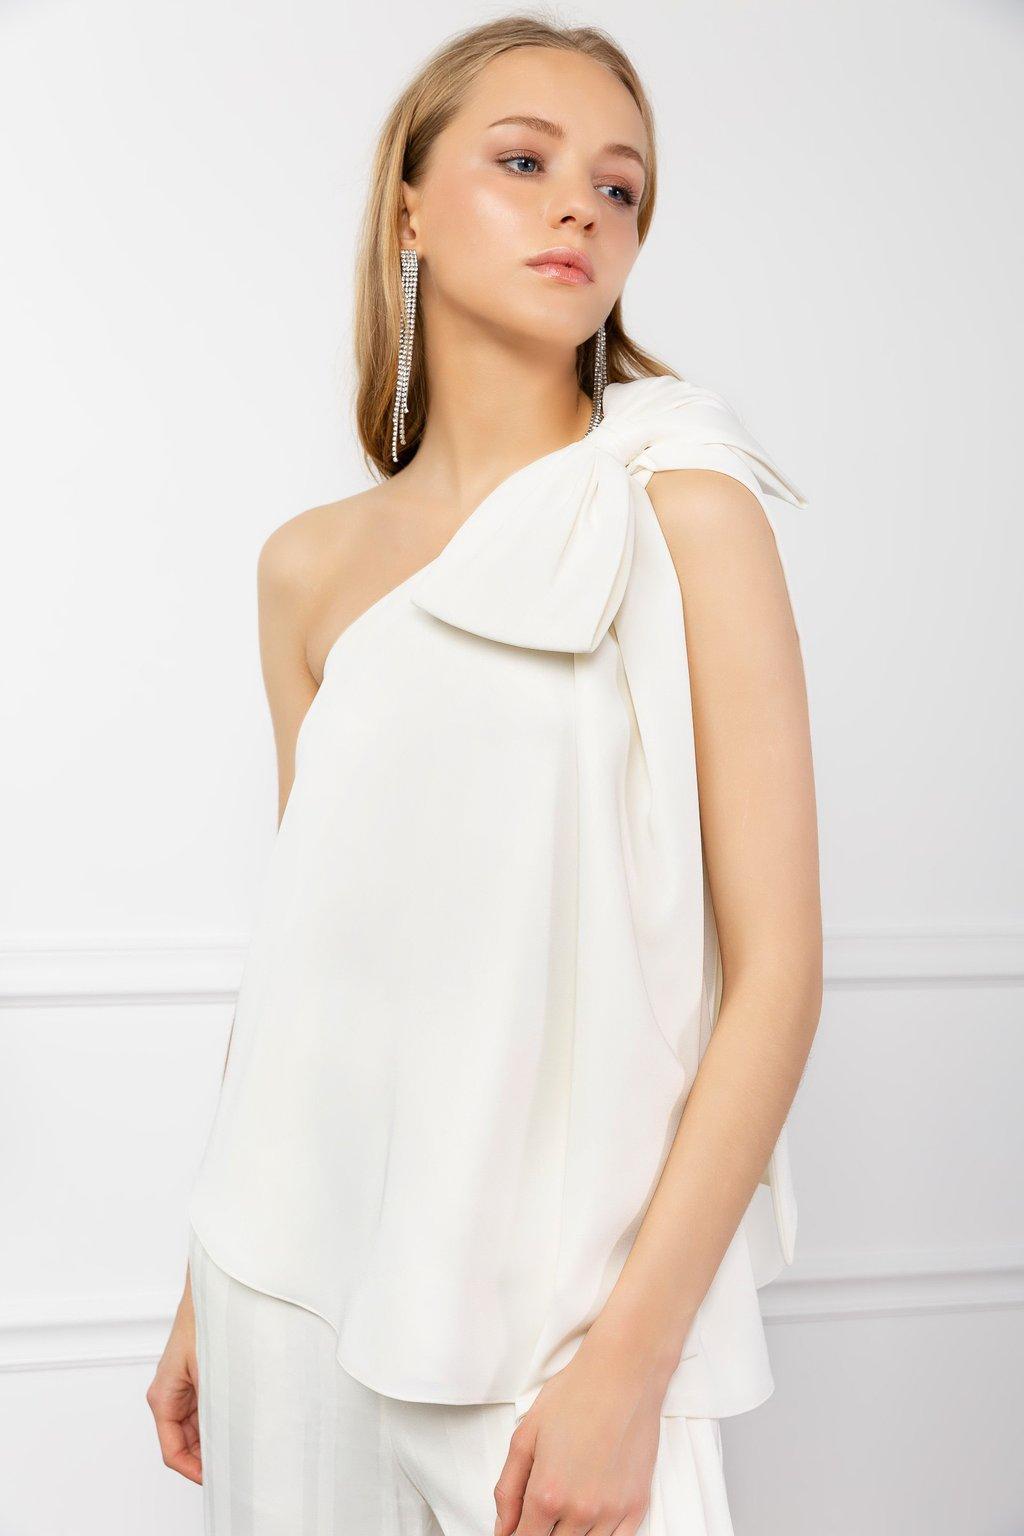 White Wanda Top by J.ING women's fashion clothing